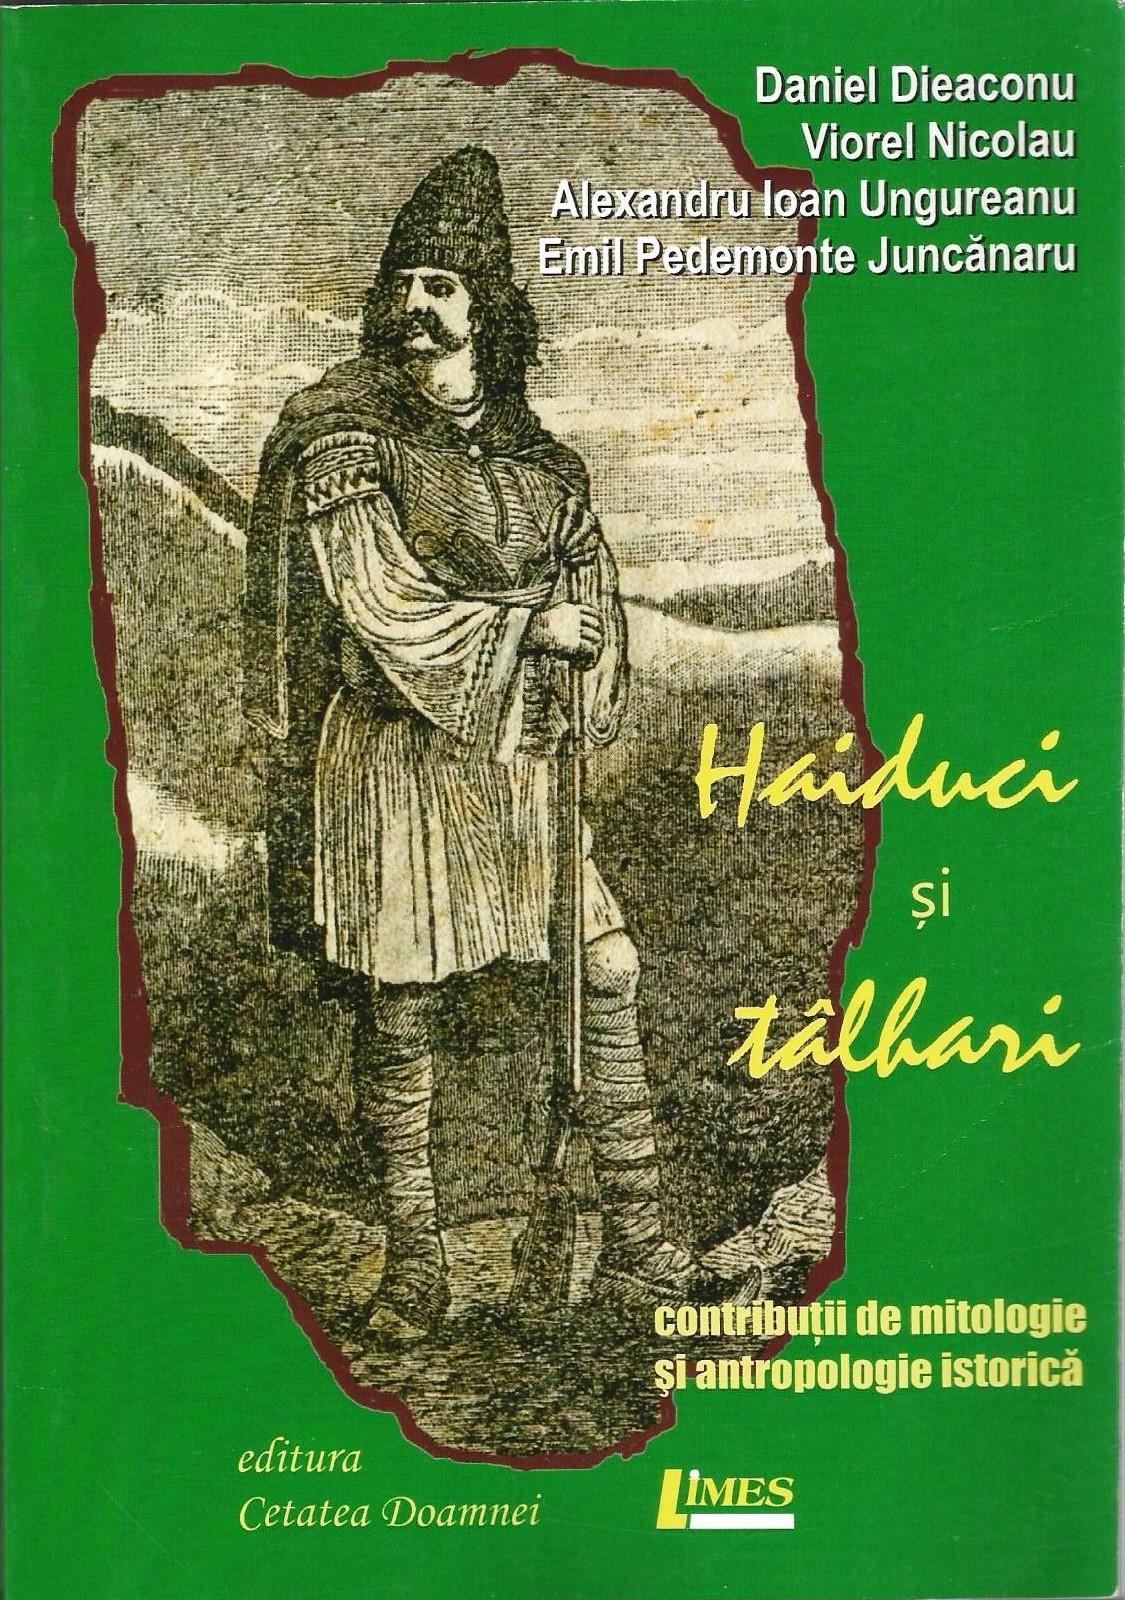 Haiduci și tâlhari - Contribuții de mitologie și antropologie istorică Daniel Dieaconu